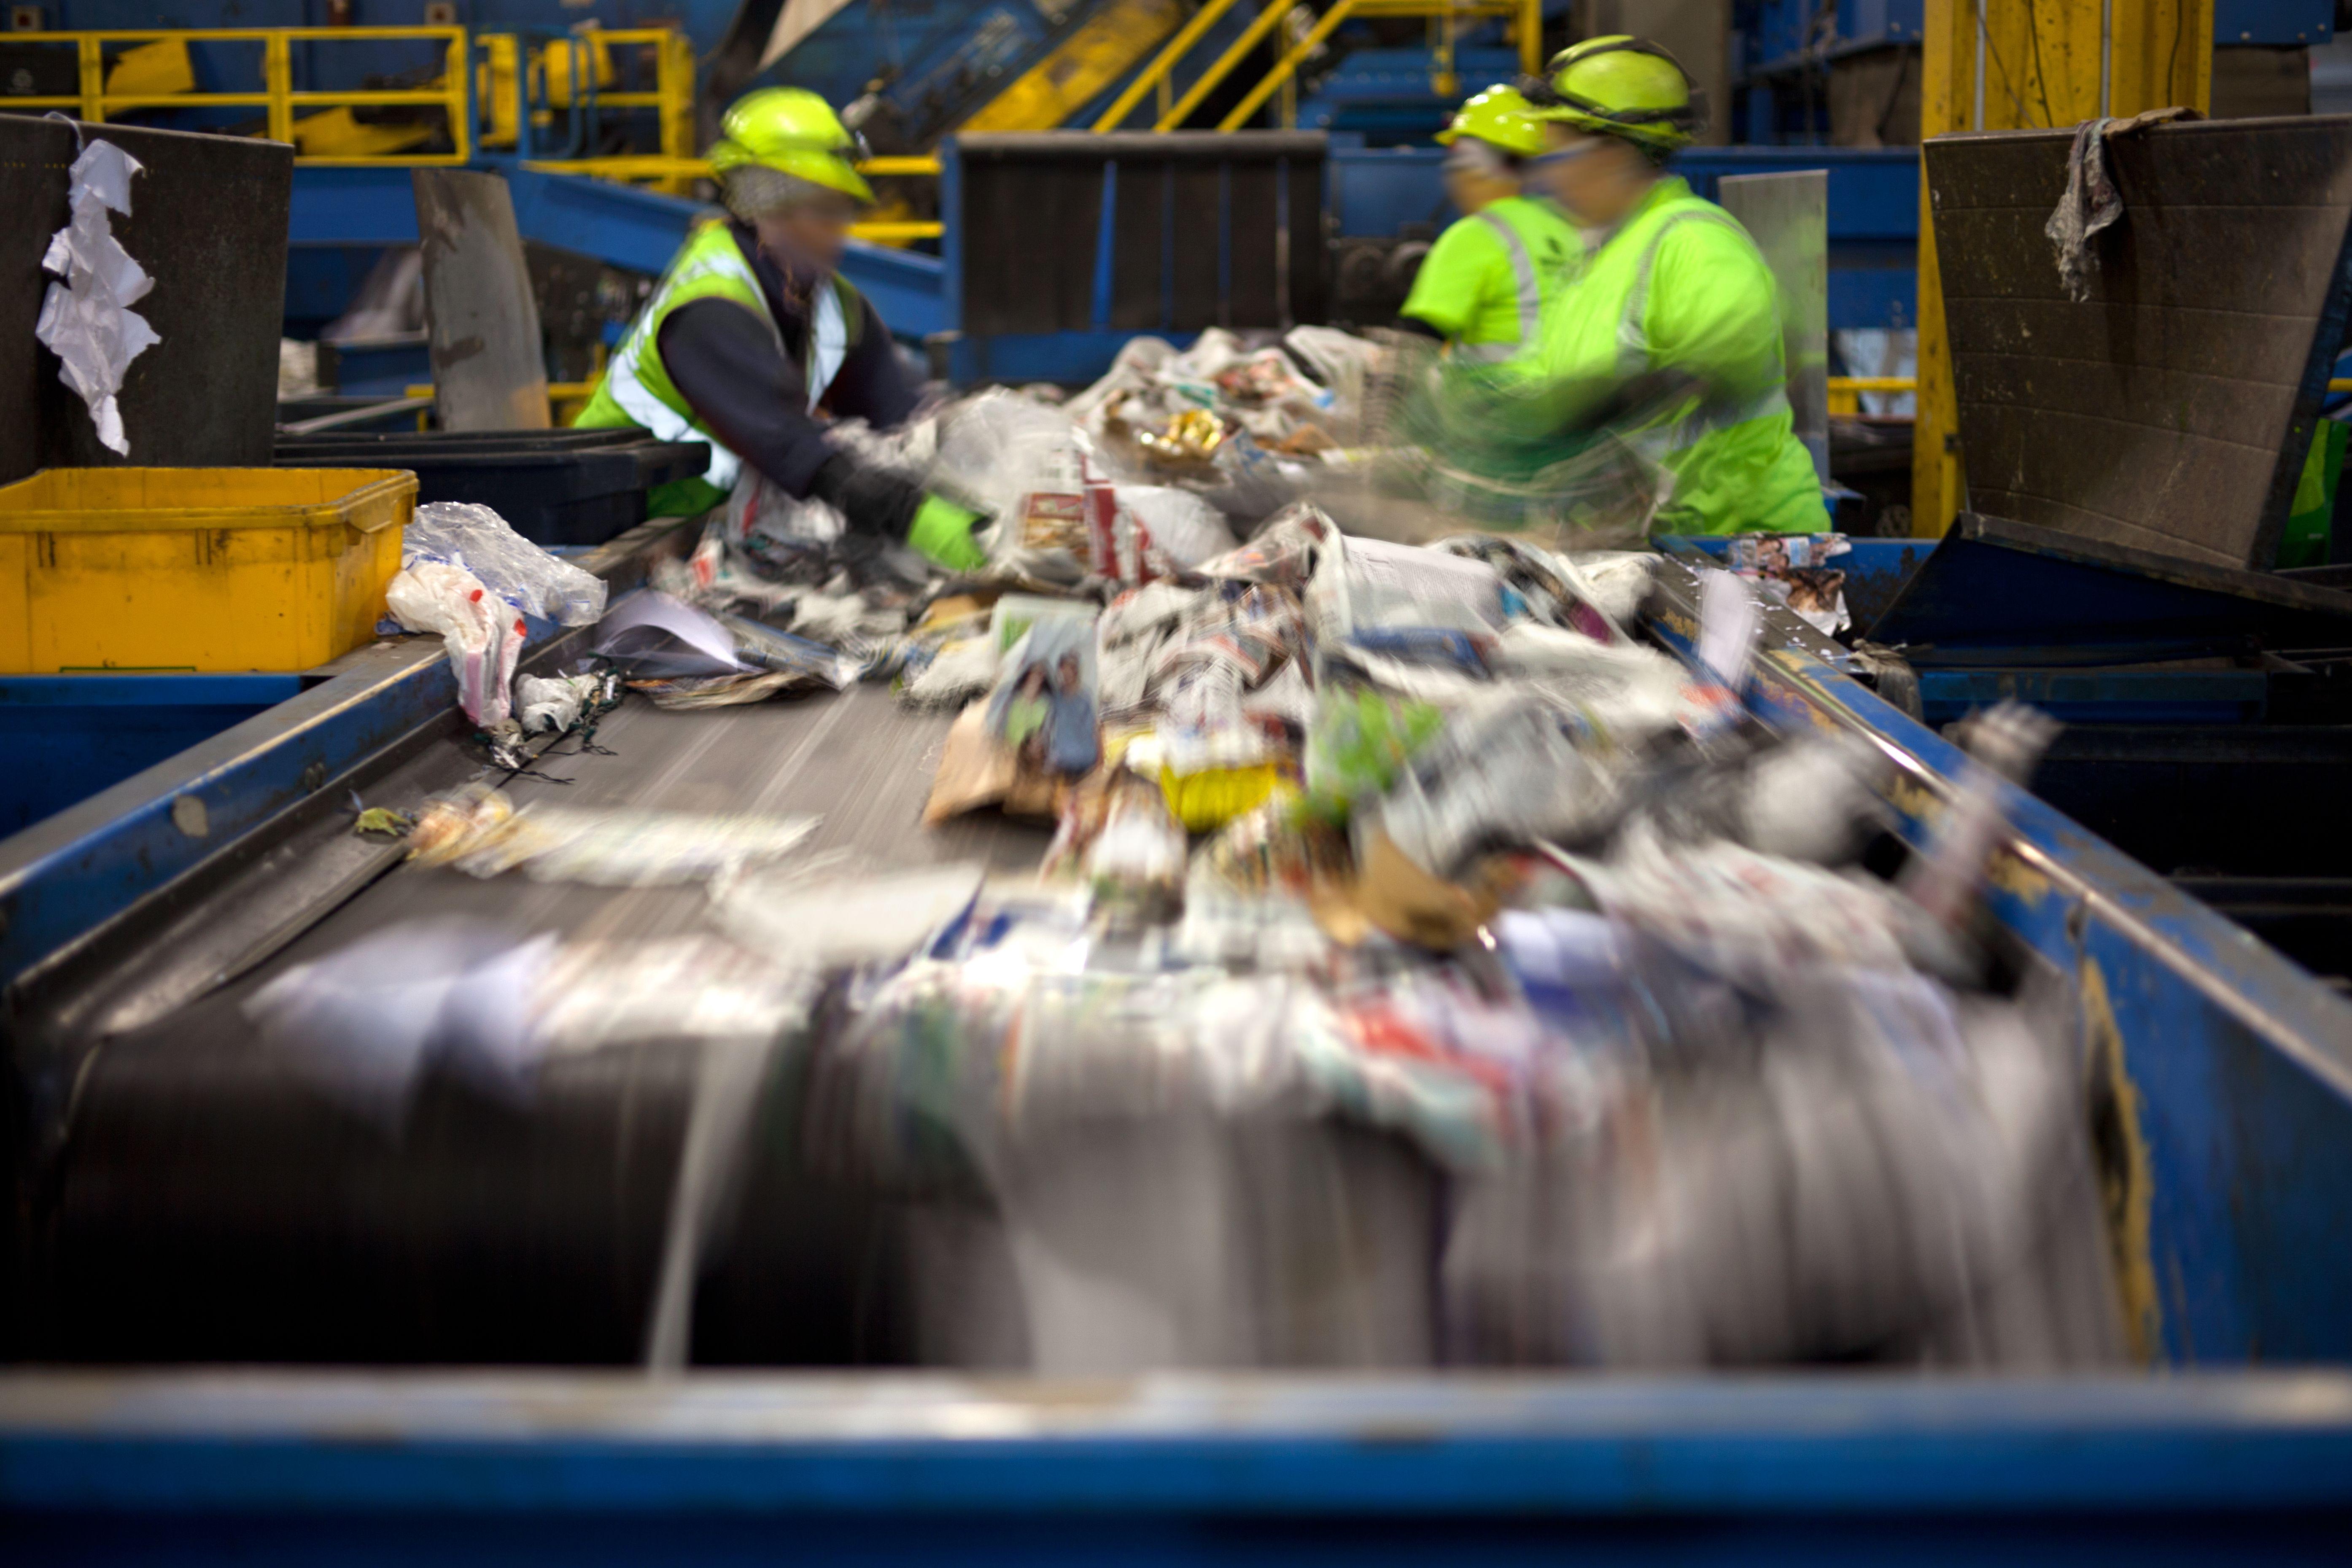 Gestión de residuos: Productos de Urkiondo Ekolur